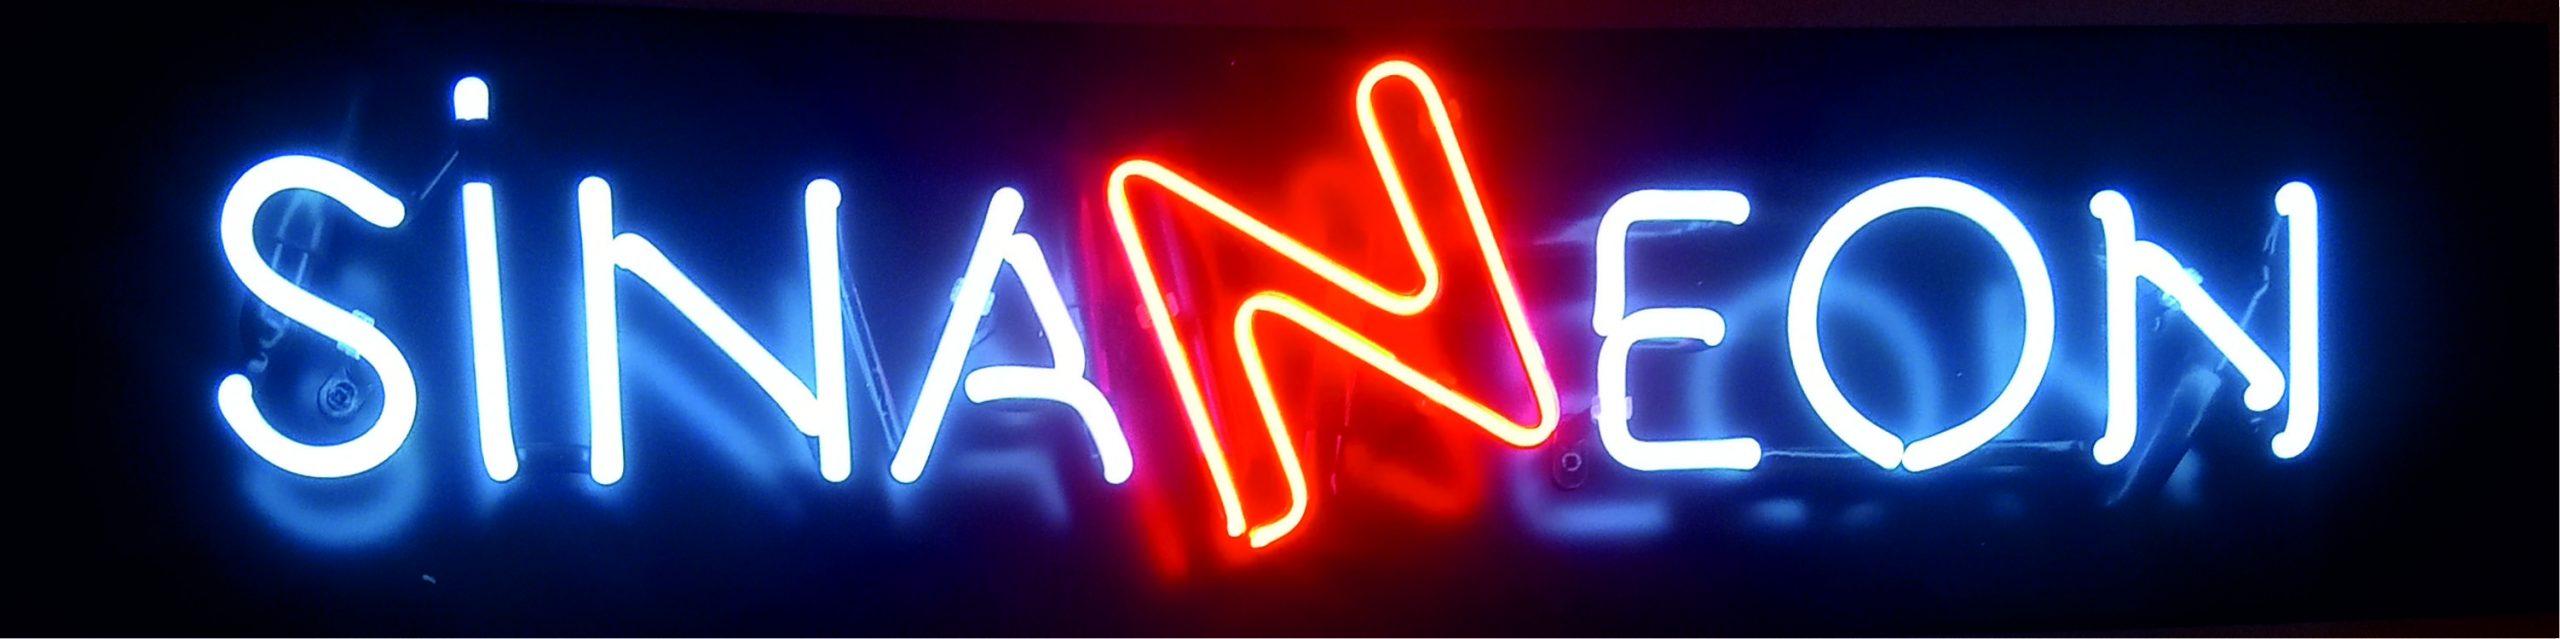 Eczane Led Neon Yazı